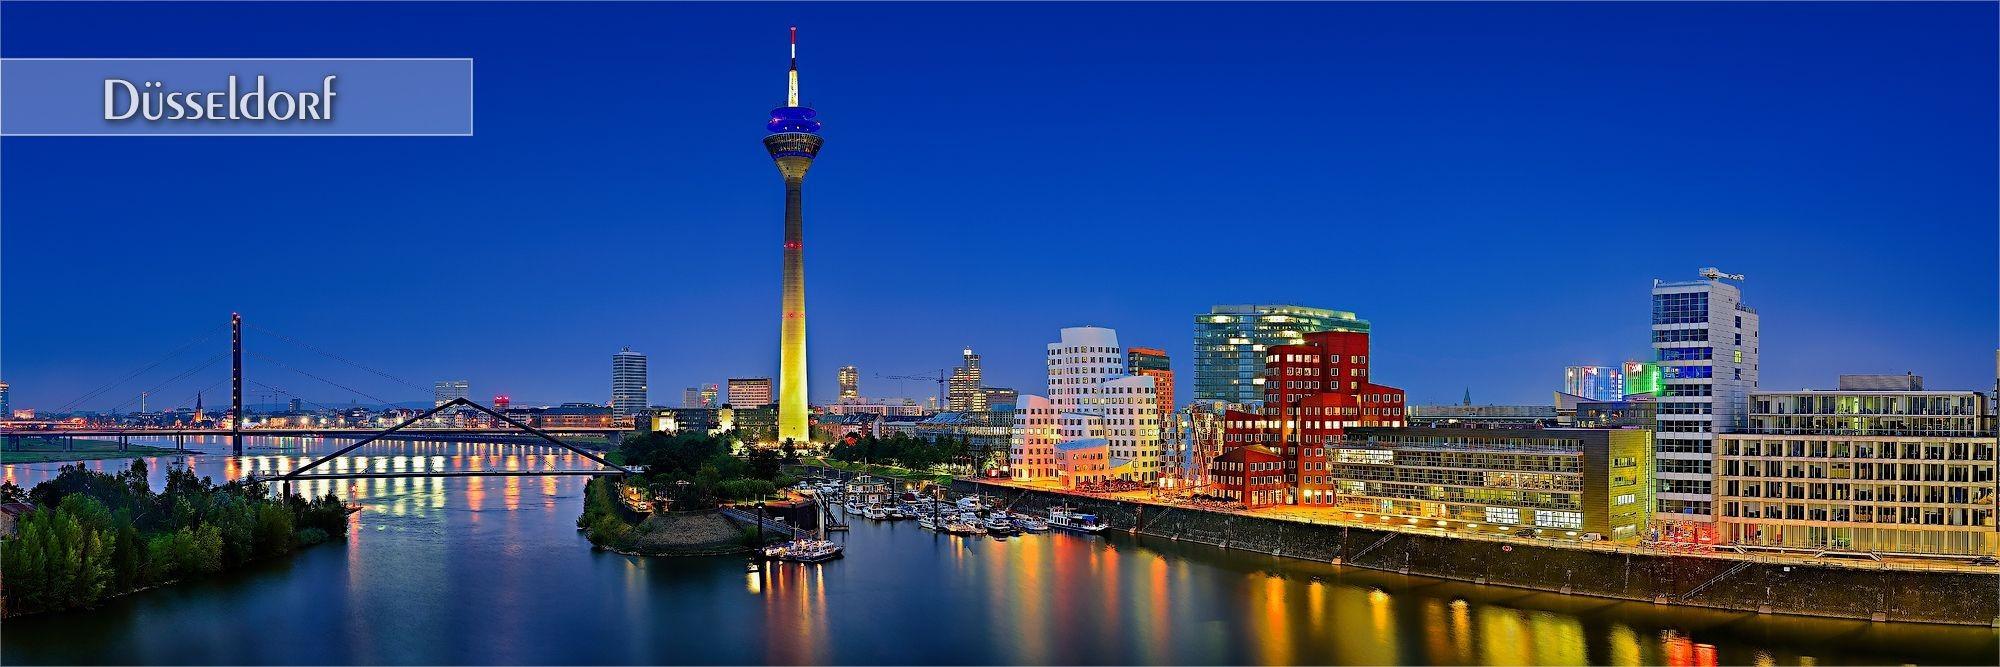 Bilder von Düsseldorf als Wandbild oder Küchenrückwand